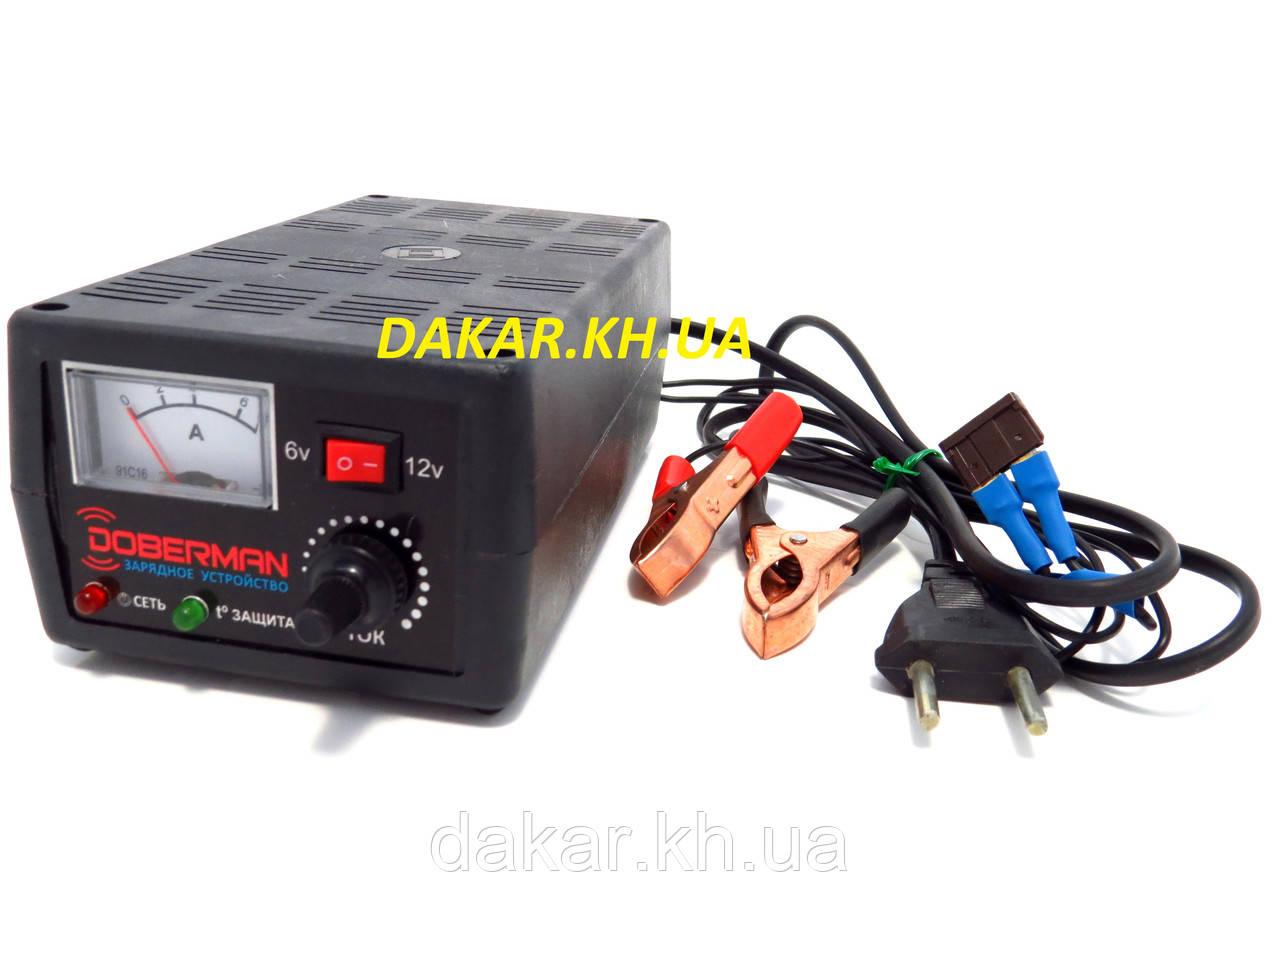 автомобильное зарядное устройство доберман 6 12в 7а цена 490 грн